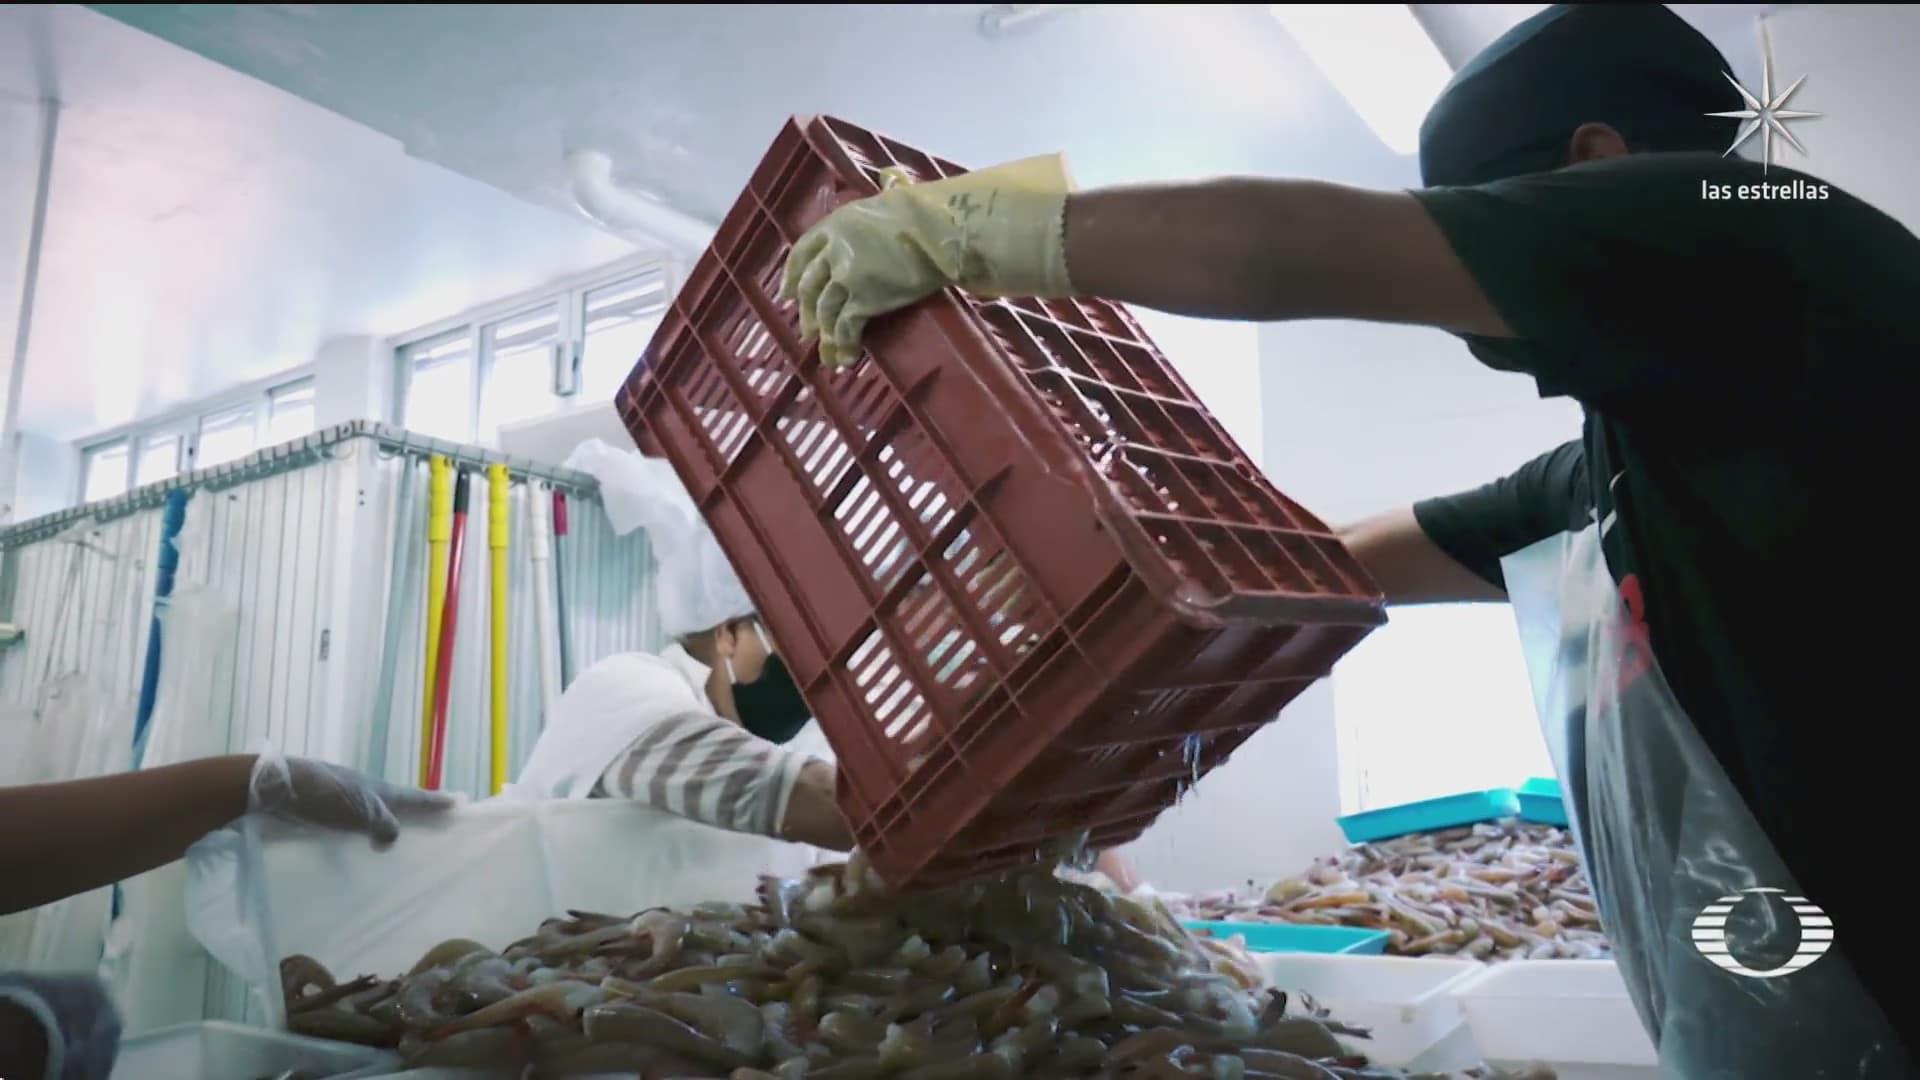 camaron silvestre capturado en aguas mexicanas podra ser exportado a eeuu